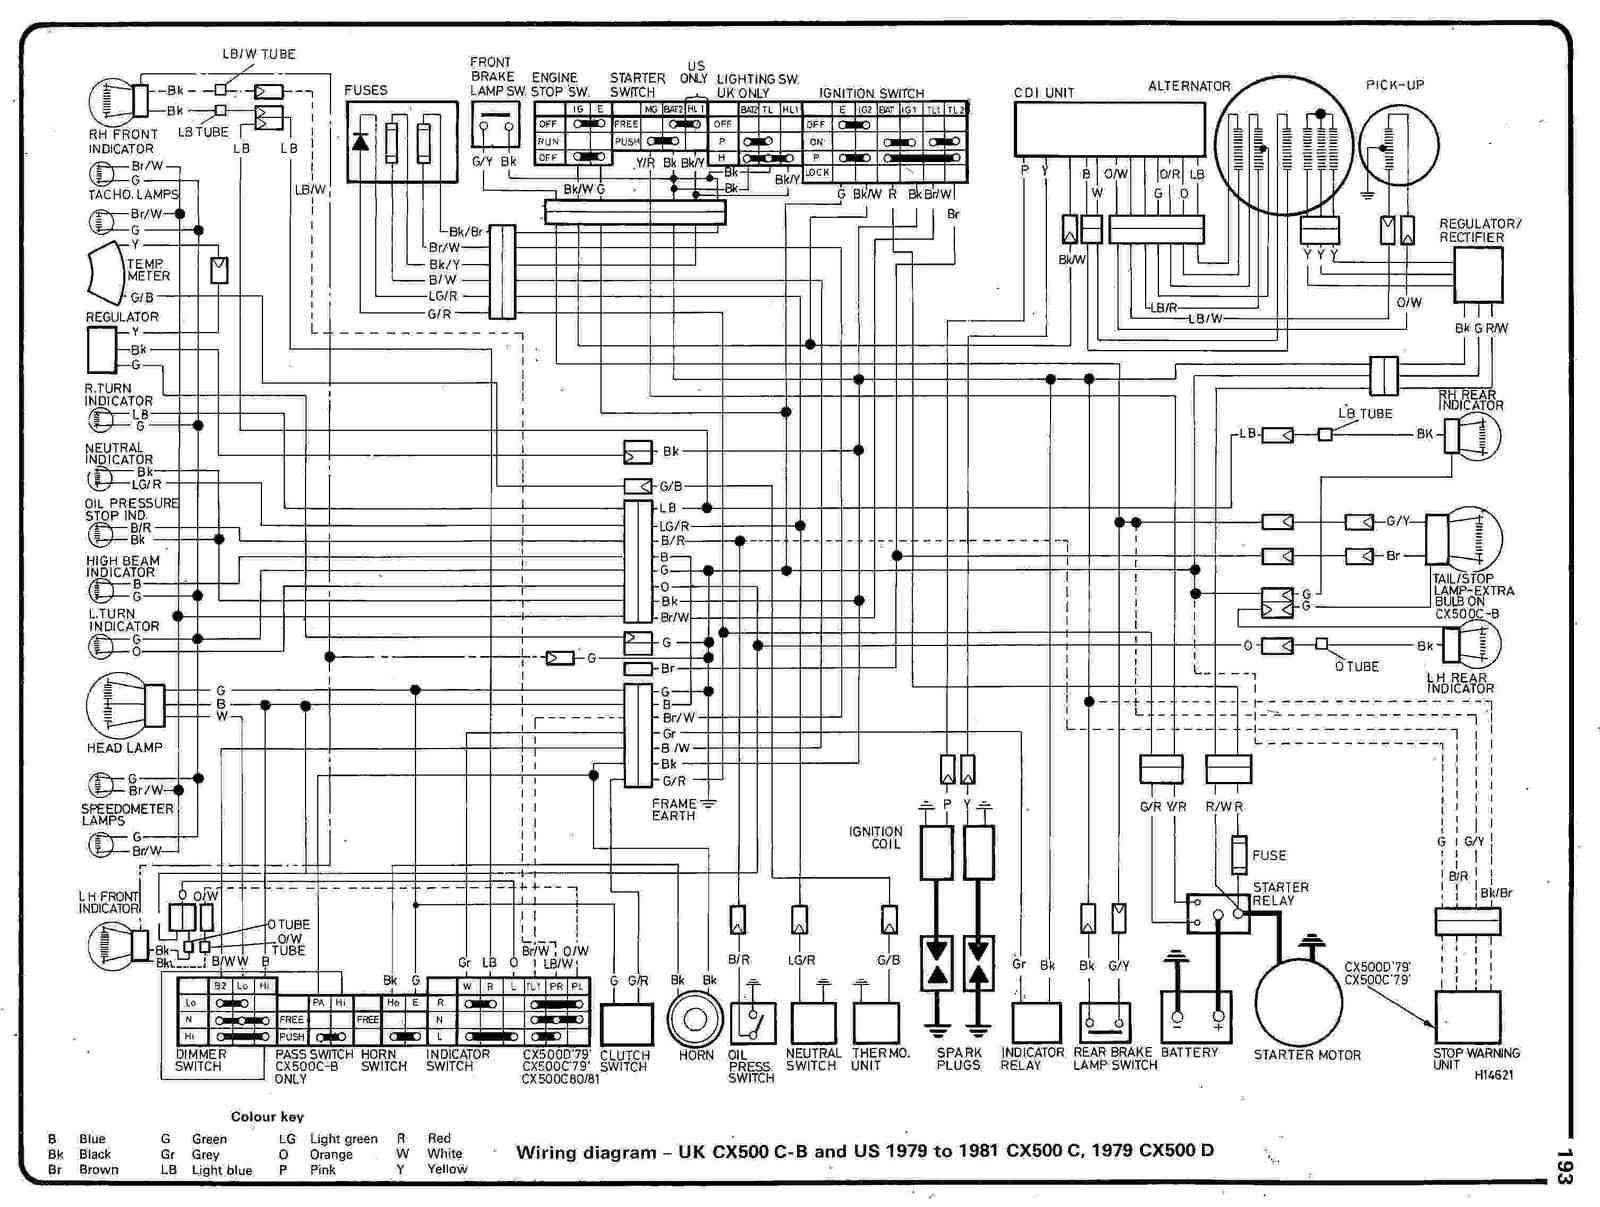 Honda Cm400 Wiring Diagram Bookmark About Complete Of Sl70 Cm400a Schema Img Rh 15 13 4 Derleib De 1980